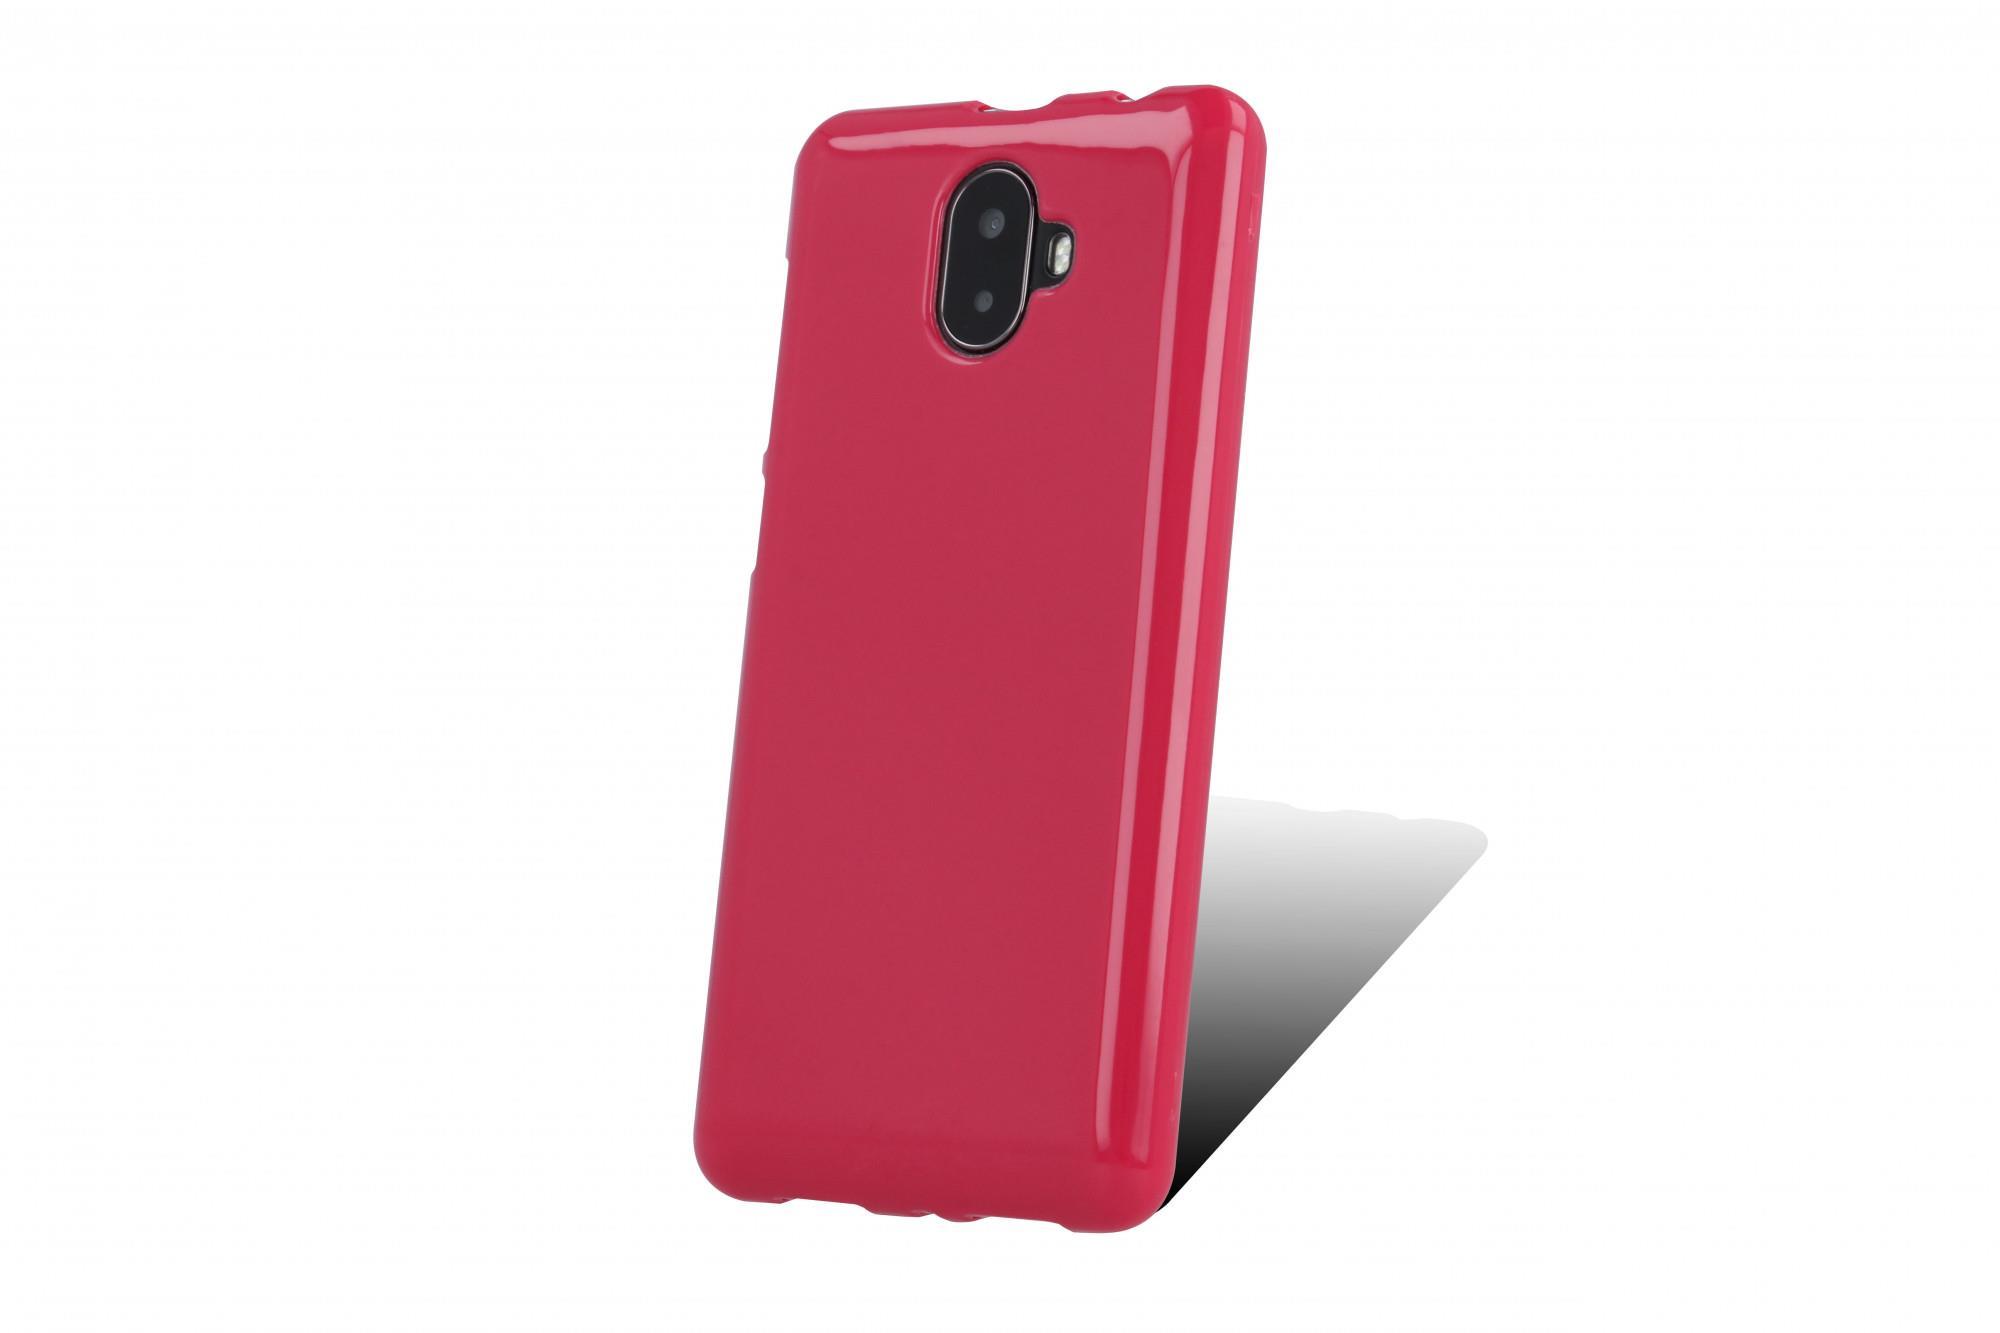 Silikonové TPU pouzdro pro myPhone Pocket 18x9 růžová